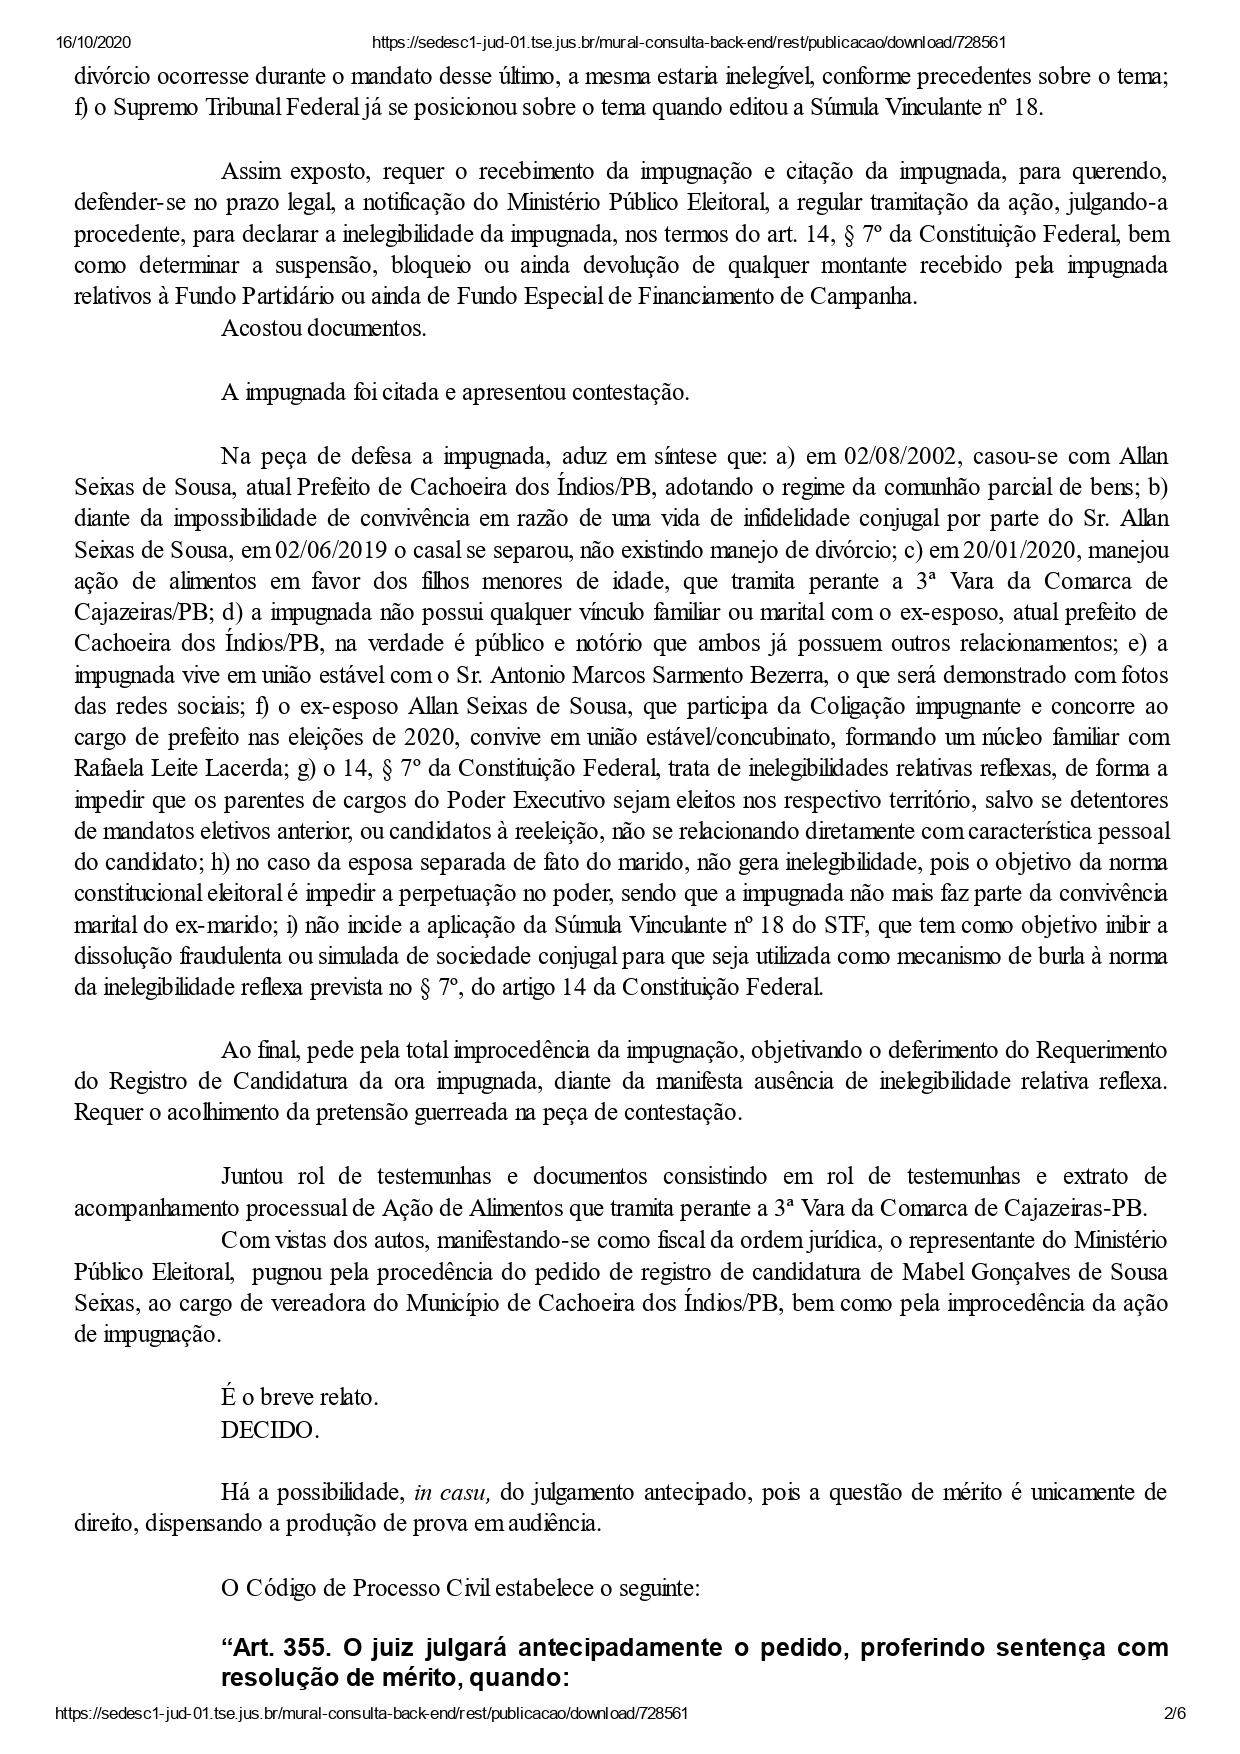 cachoeira dos indios mabel page 0002 - DECISÃO: Justiça Eleitoral indefere registros dos dois únicos candidatos a prefeito de Cachoeira dos Índios